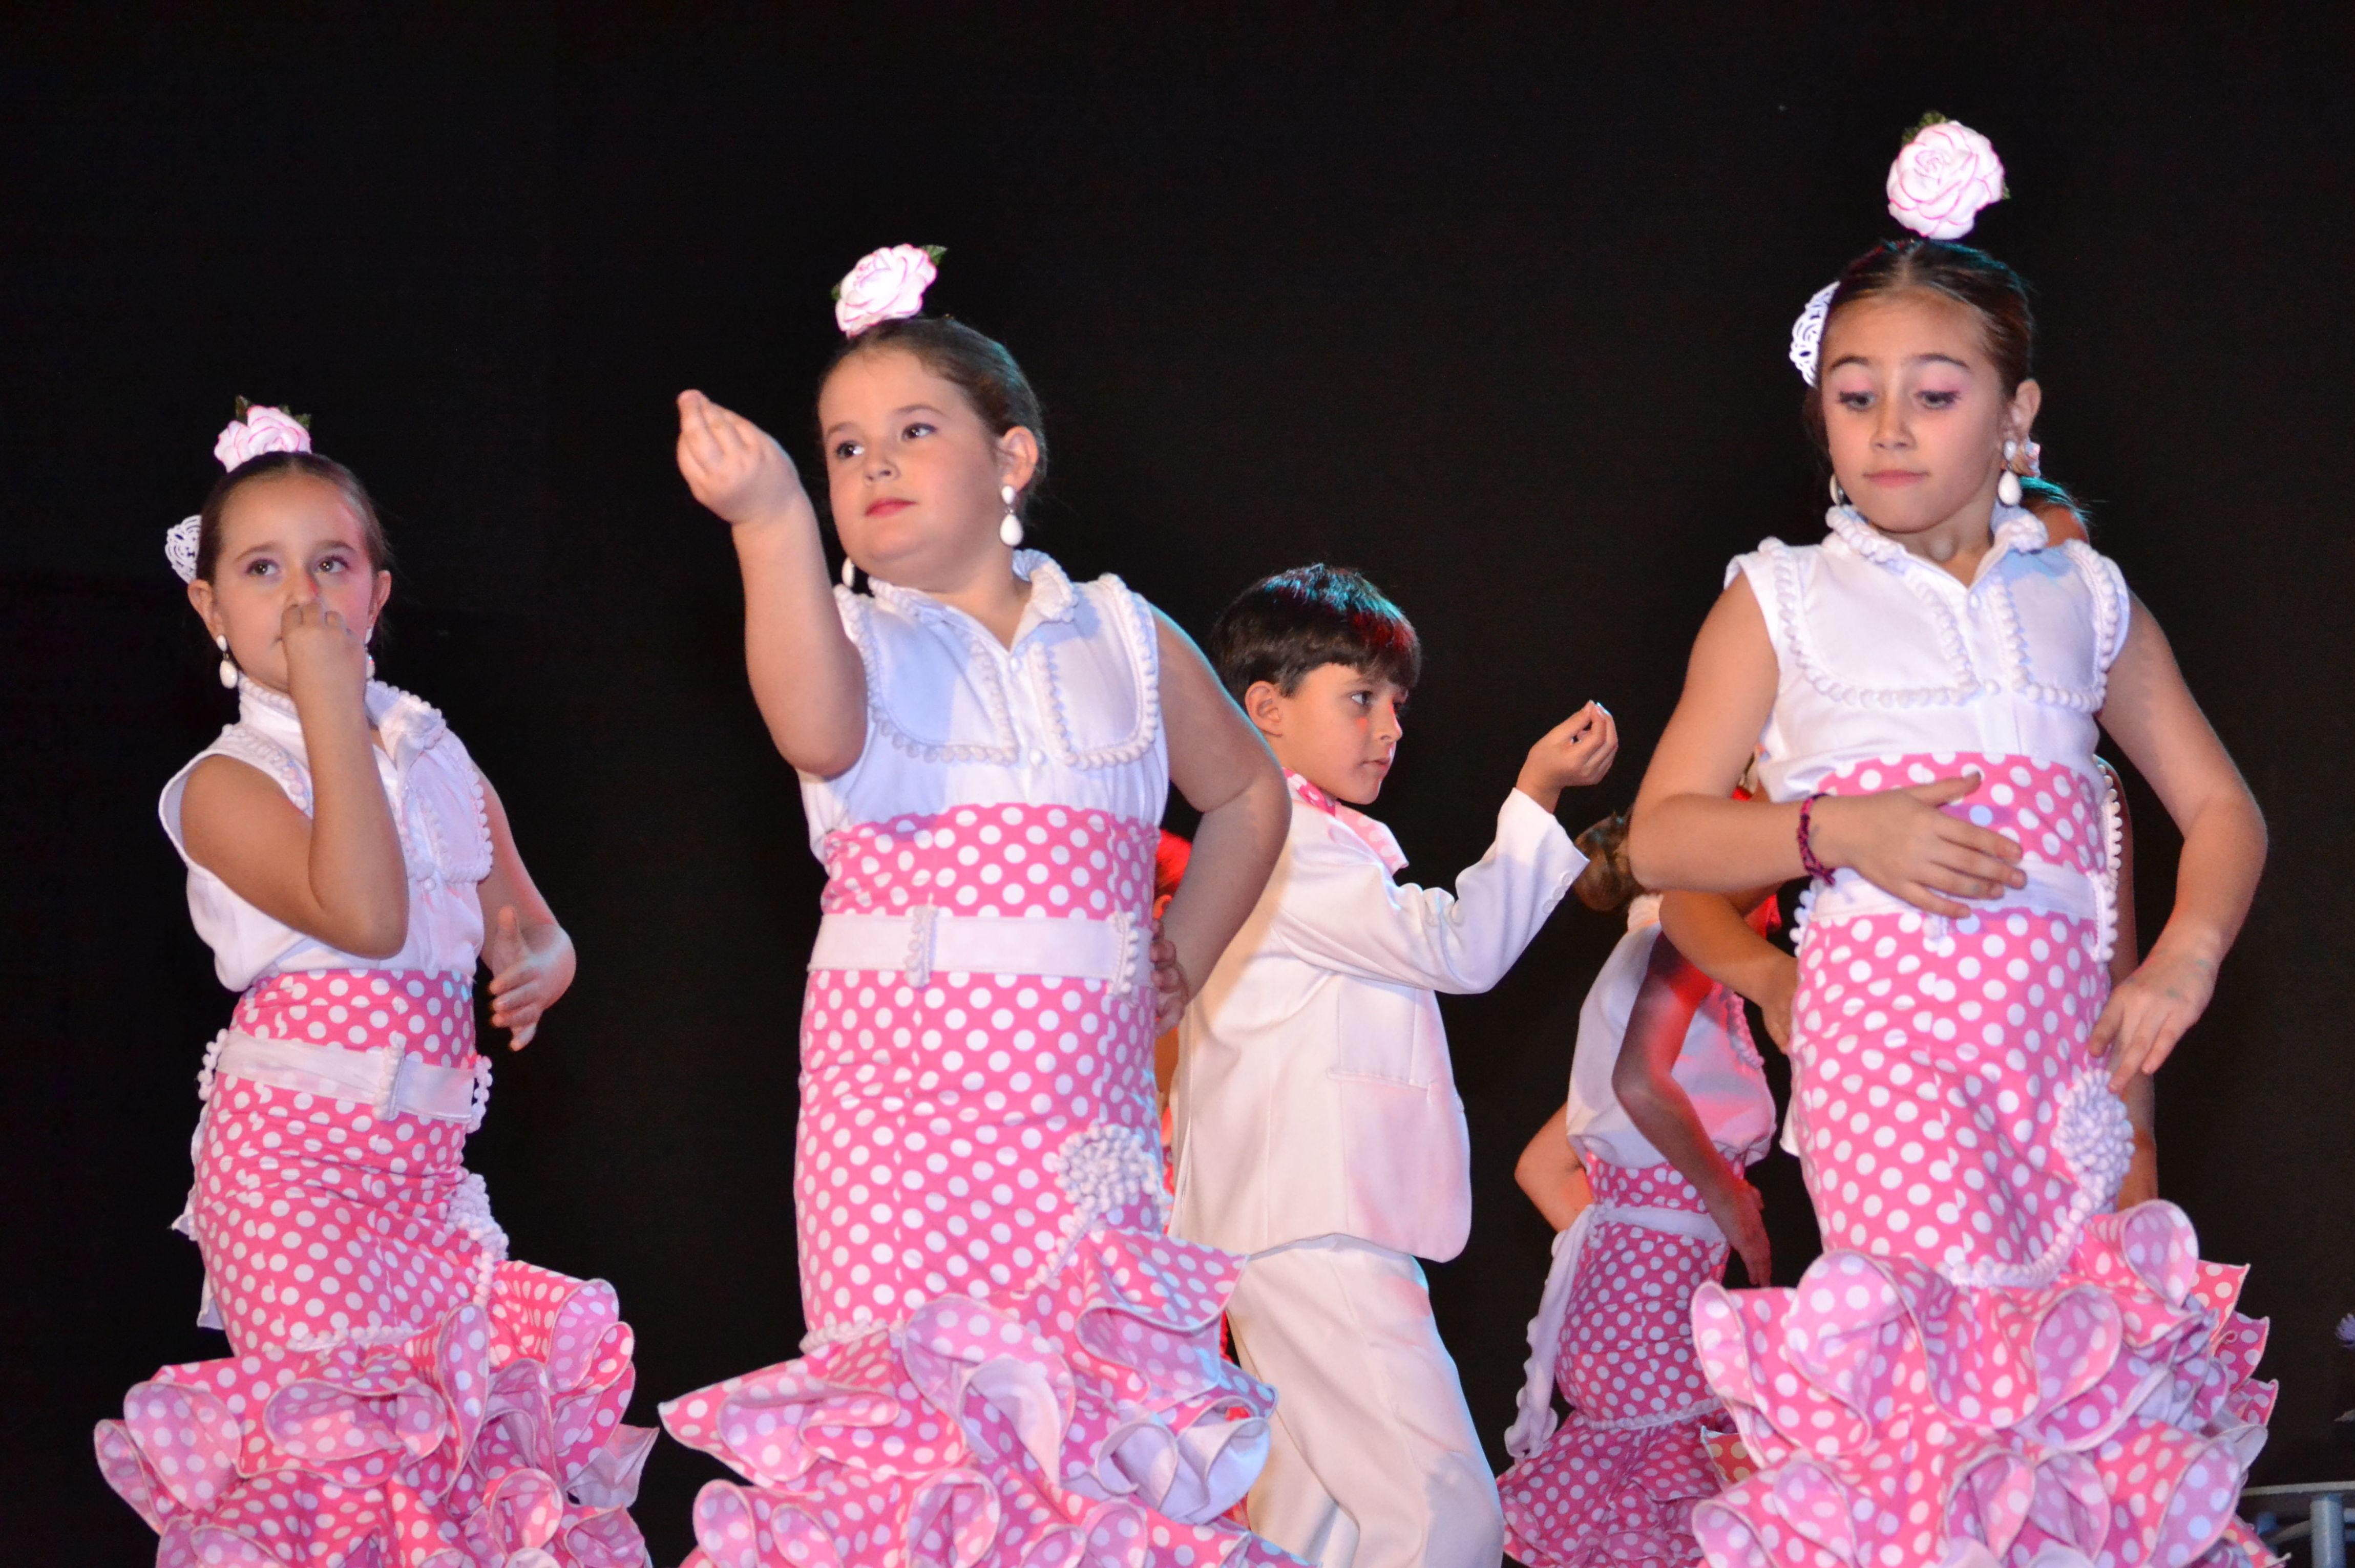 Foto 53 de Escuelas de música, danza e interpretación en Alcalá de Henares   Escuela de Danza Pepe Vento